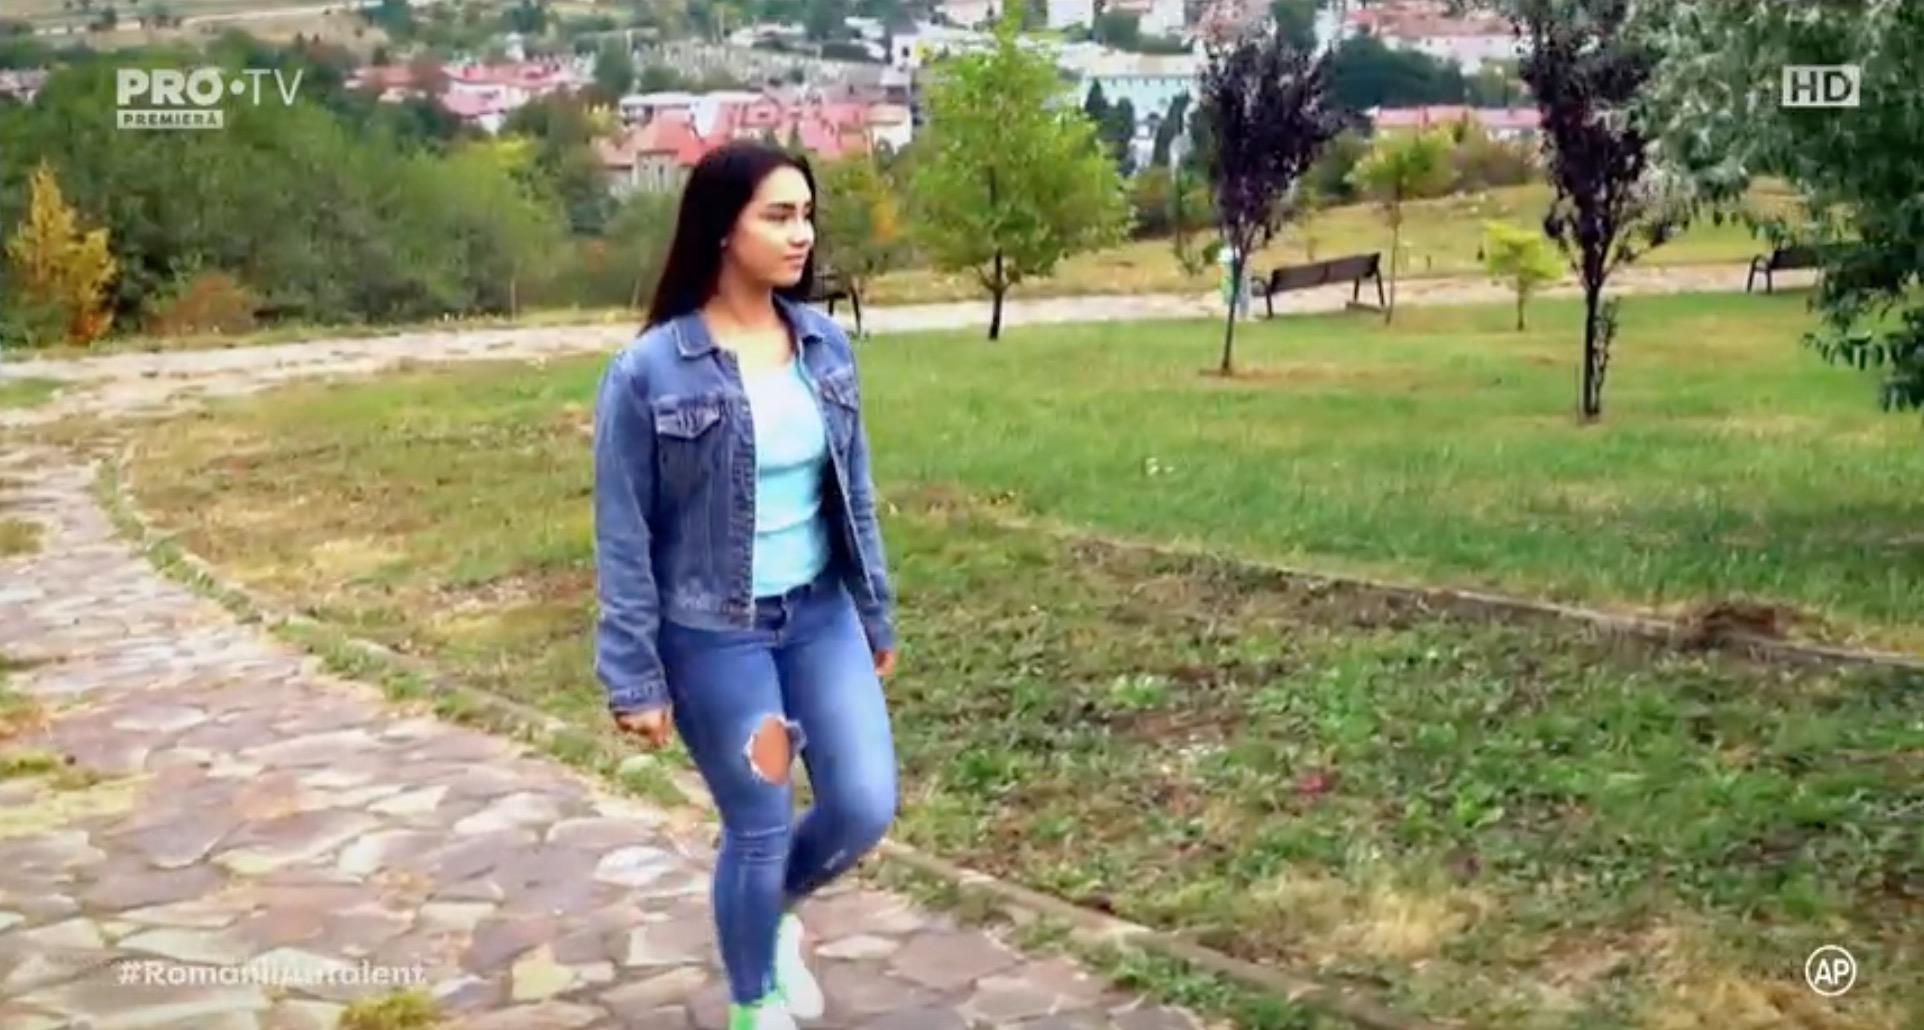 Ela Trandafir vrea sa schimbe conceptia despre romi